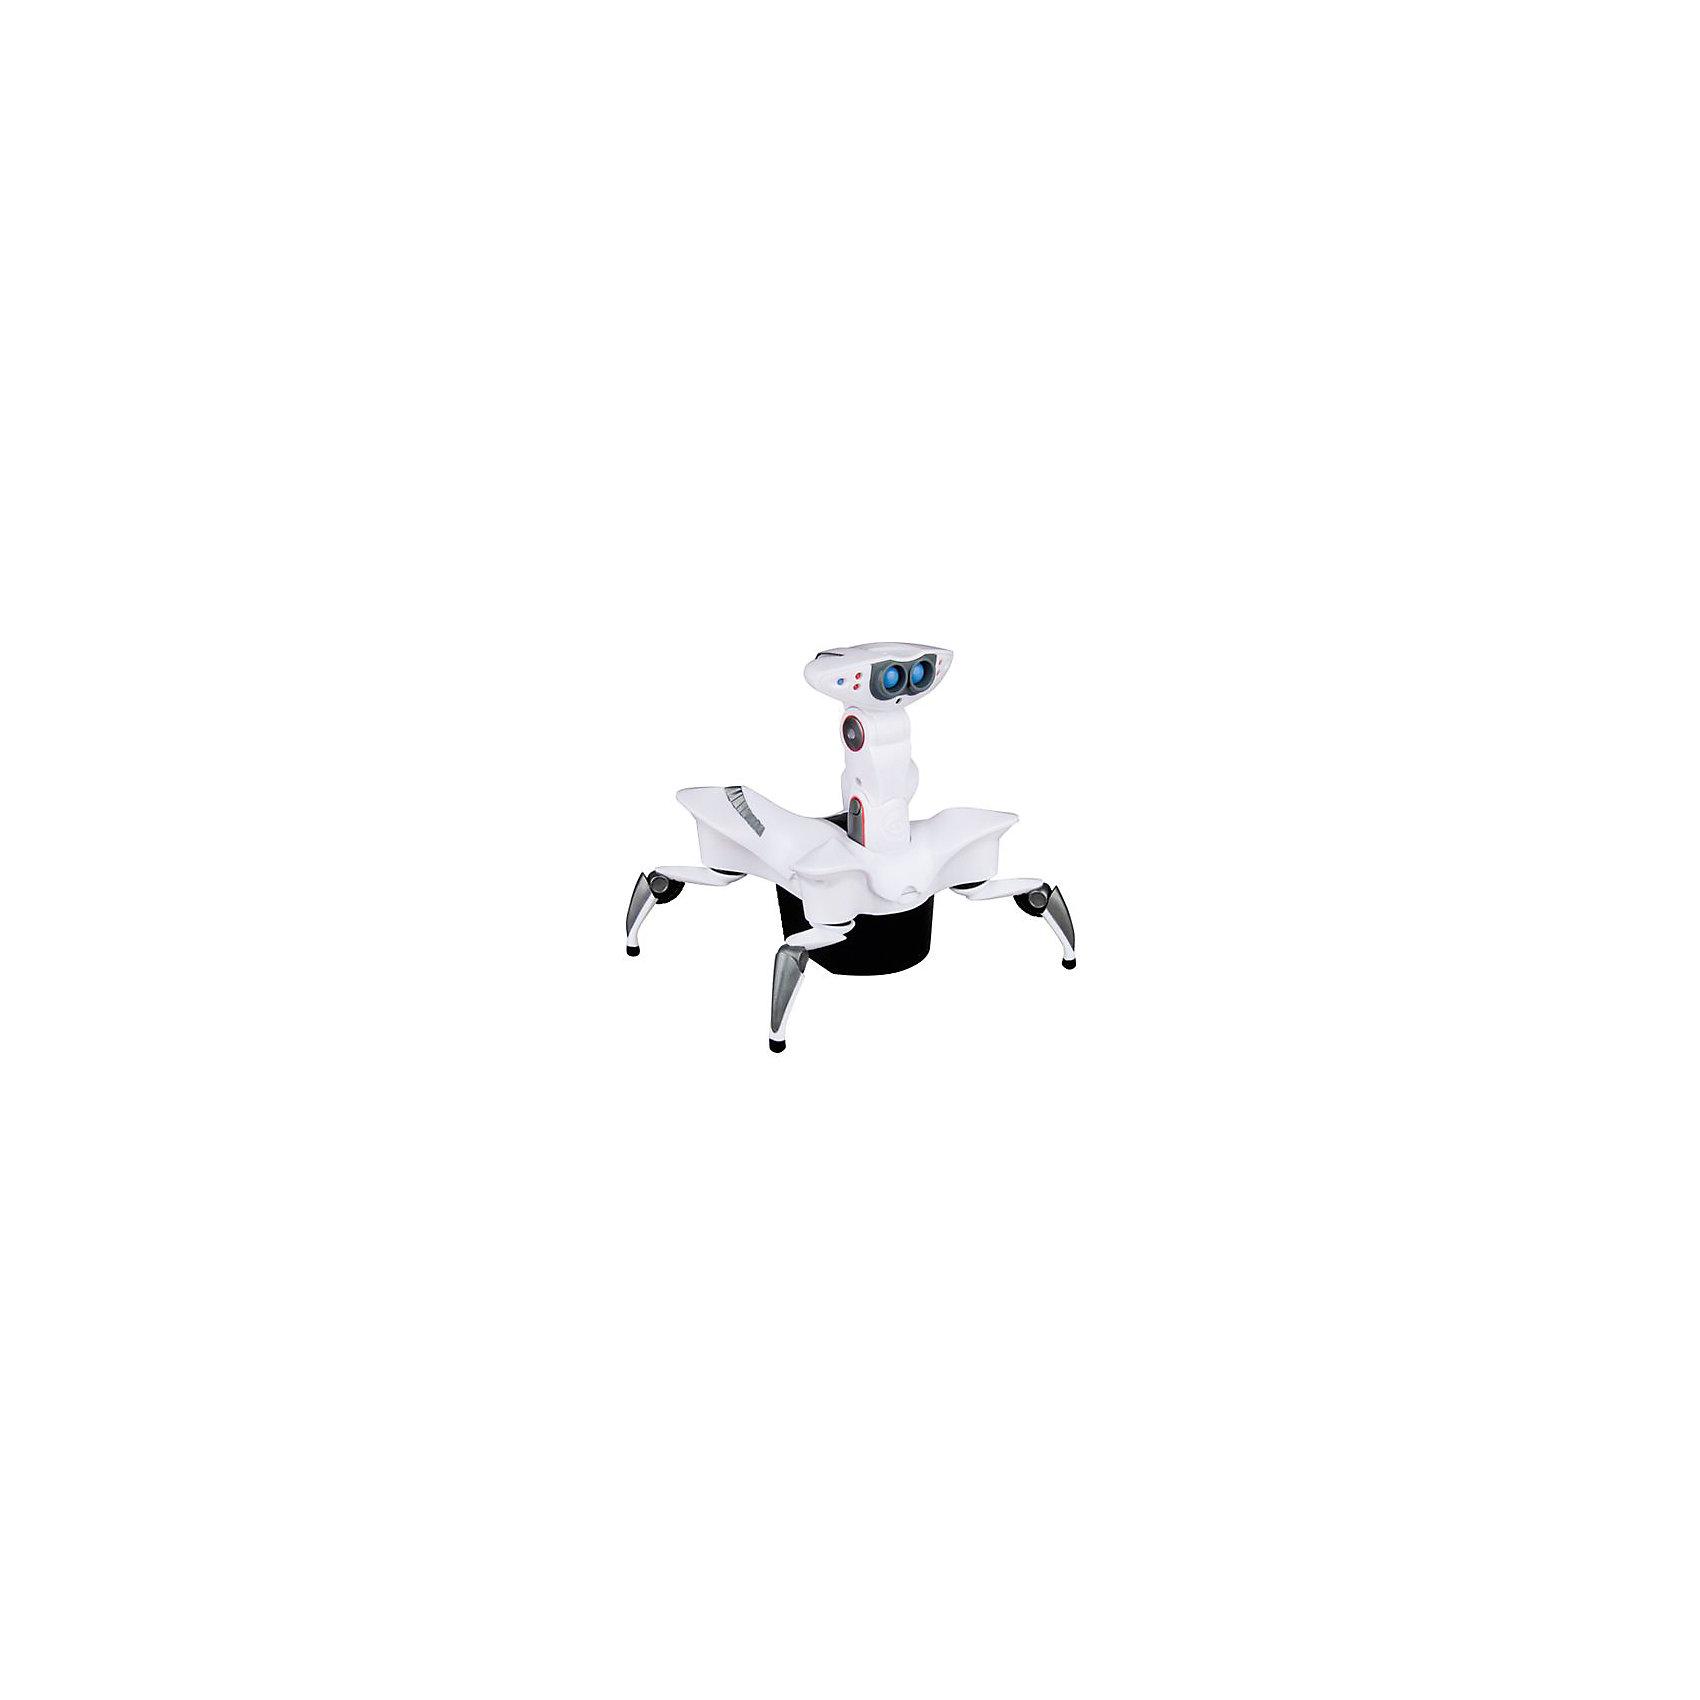 Мини-робот краб, WowWeeМини-робот краб, - это мини-версия знаменитого робота от WowWee. Простой в управлении небольшой робот, будет понятен даже четырехлетним детям. Управлять роботом просто и легко набором кнопок на корпусе. Включите робота, и он зашагает вперед, с легкостью преодолевая препятствия.<br><br>Дополнительная информация:<br><br>- Материал: пластик, металл.<br>- Размеры:  17 х 18,3 х 21,8 см<br>- Элемент питания: 2 ААА батарейки (продаются отдельно)<br>-  При включении начинает движение вперед.<br>-  Подвижные ноги и голова.<br>-  Умеет обходить препятствия, исследовать помещение и реагировать на события.<br>-  ИК датчики.<br><br>Мини-робота Краба, WowWee, можно купить в нашем магазине.<br><br>Ширина мм: 216<br>Глубина мм: 152<br>Высота мм: 215<br>Вес г: 580<br>Возраст от месяцев: 72<br>Возраст до месяцев: 1164<br>Пол: Мужской<br>Возраст: Детский<br>SKU: 1636758